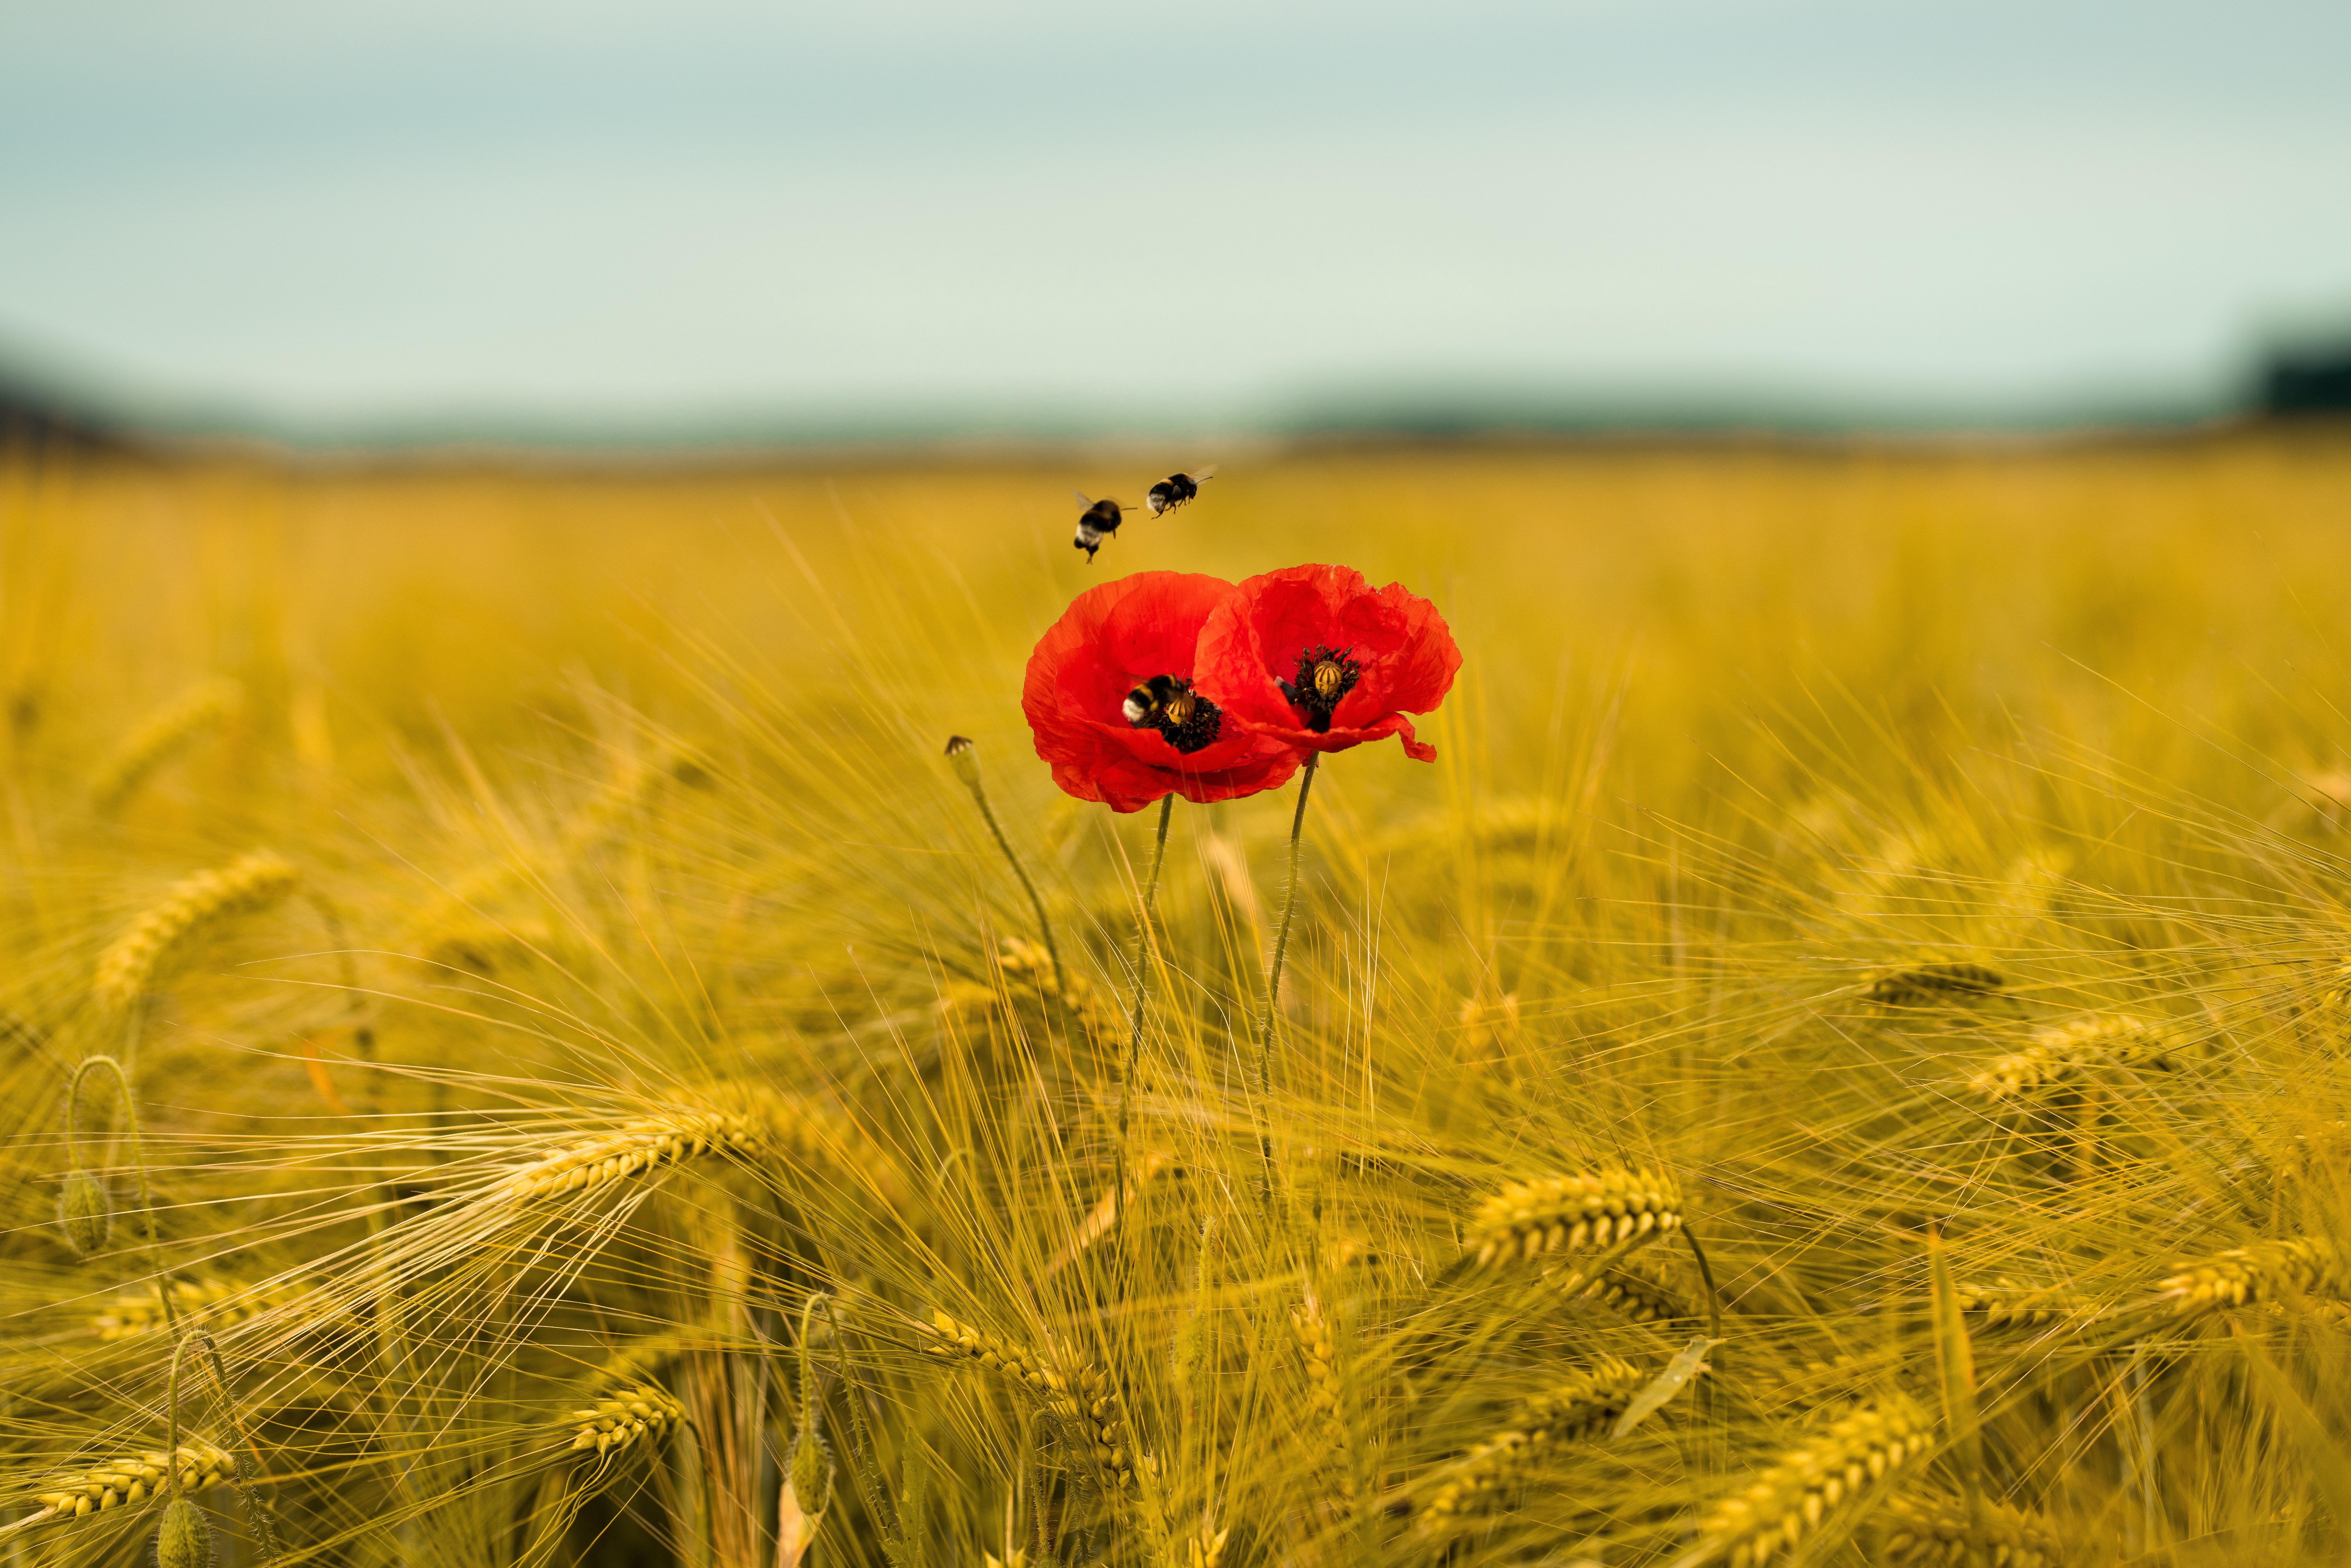 94121 Hintergrundbild herunterladen Mohn, Blumen, Bienen, Ohren, Spikes, Wildblumen - Bildschirmschoner und Bilder kostenlos